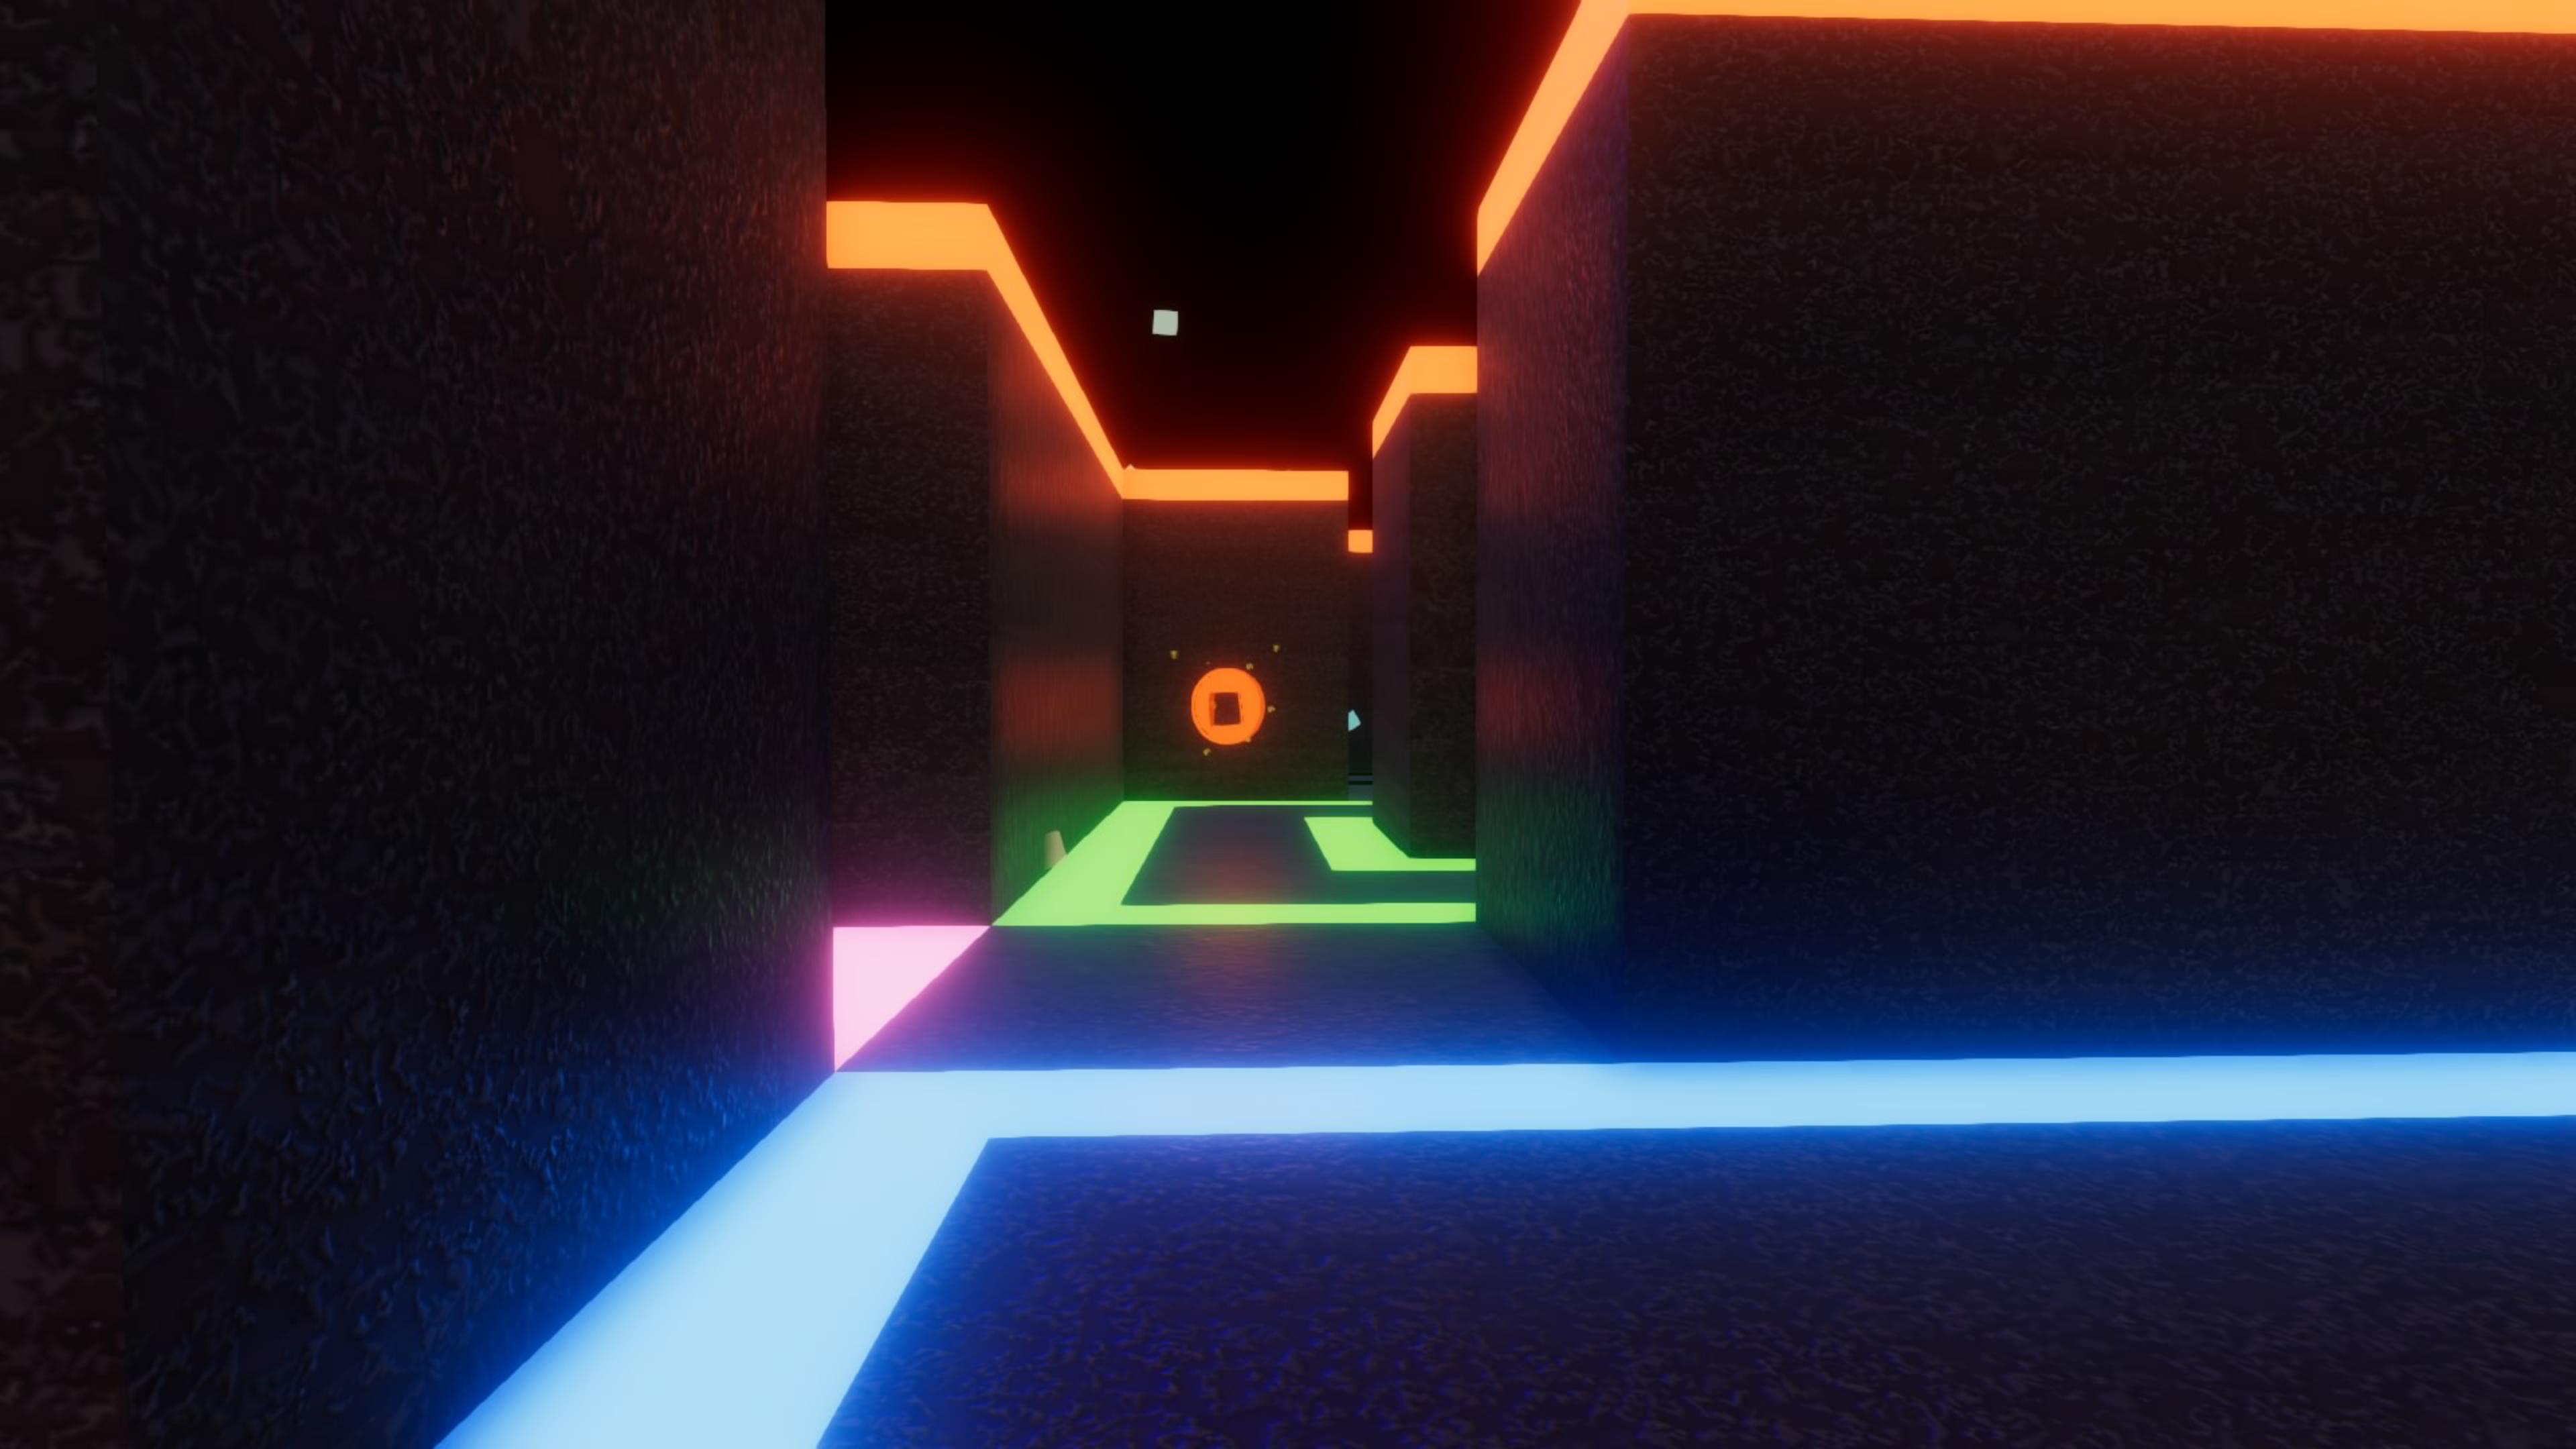 Скриншот №2 к Maze Pedestal of Trials